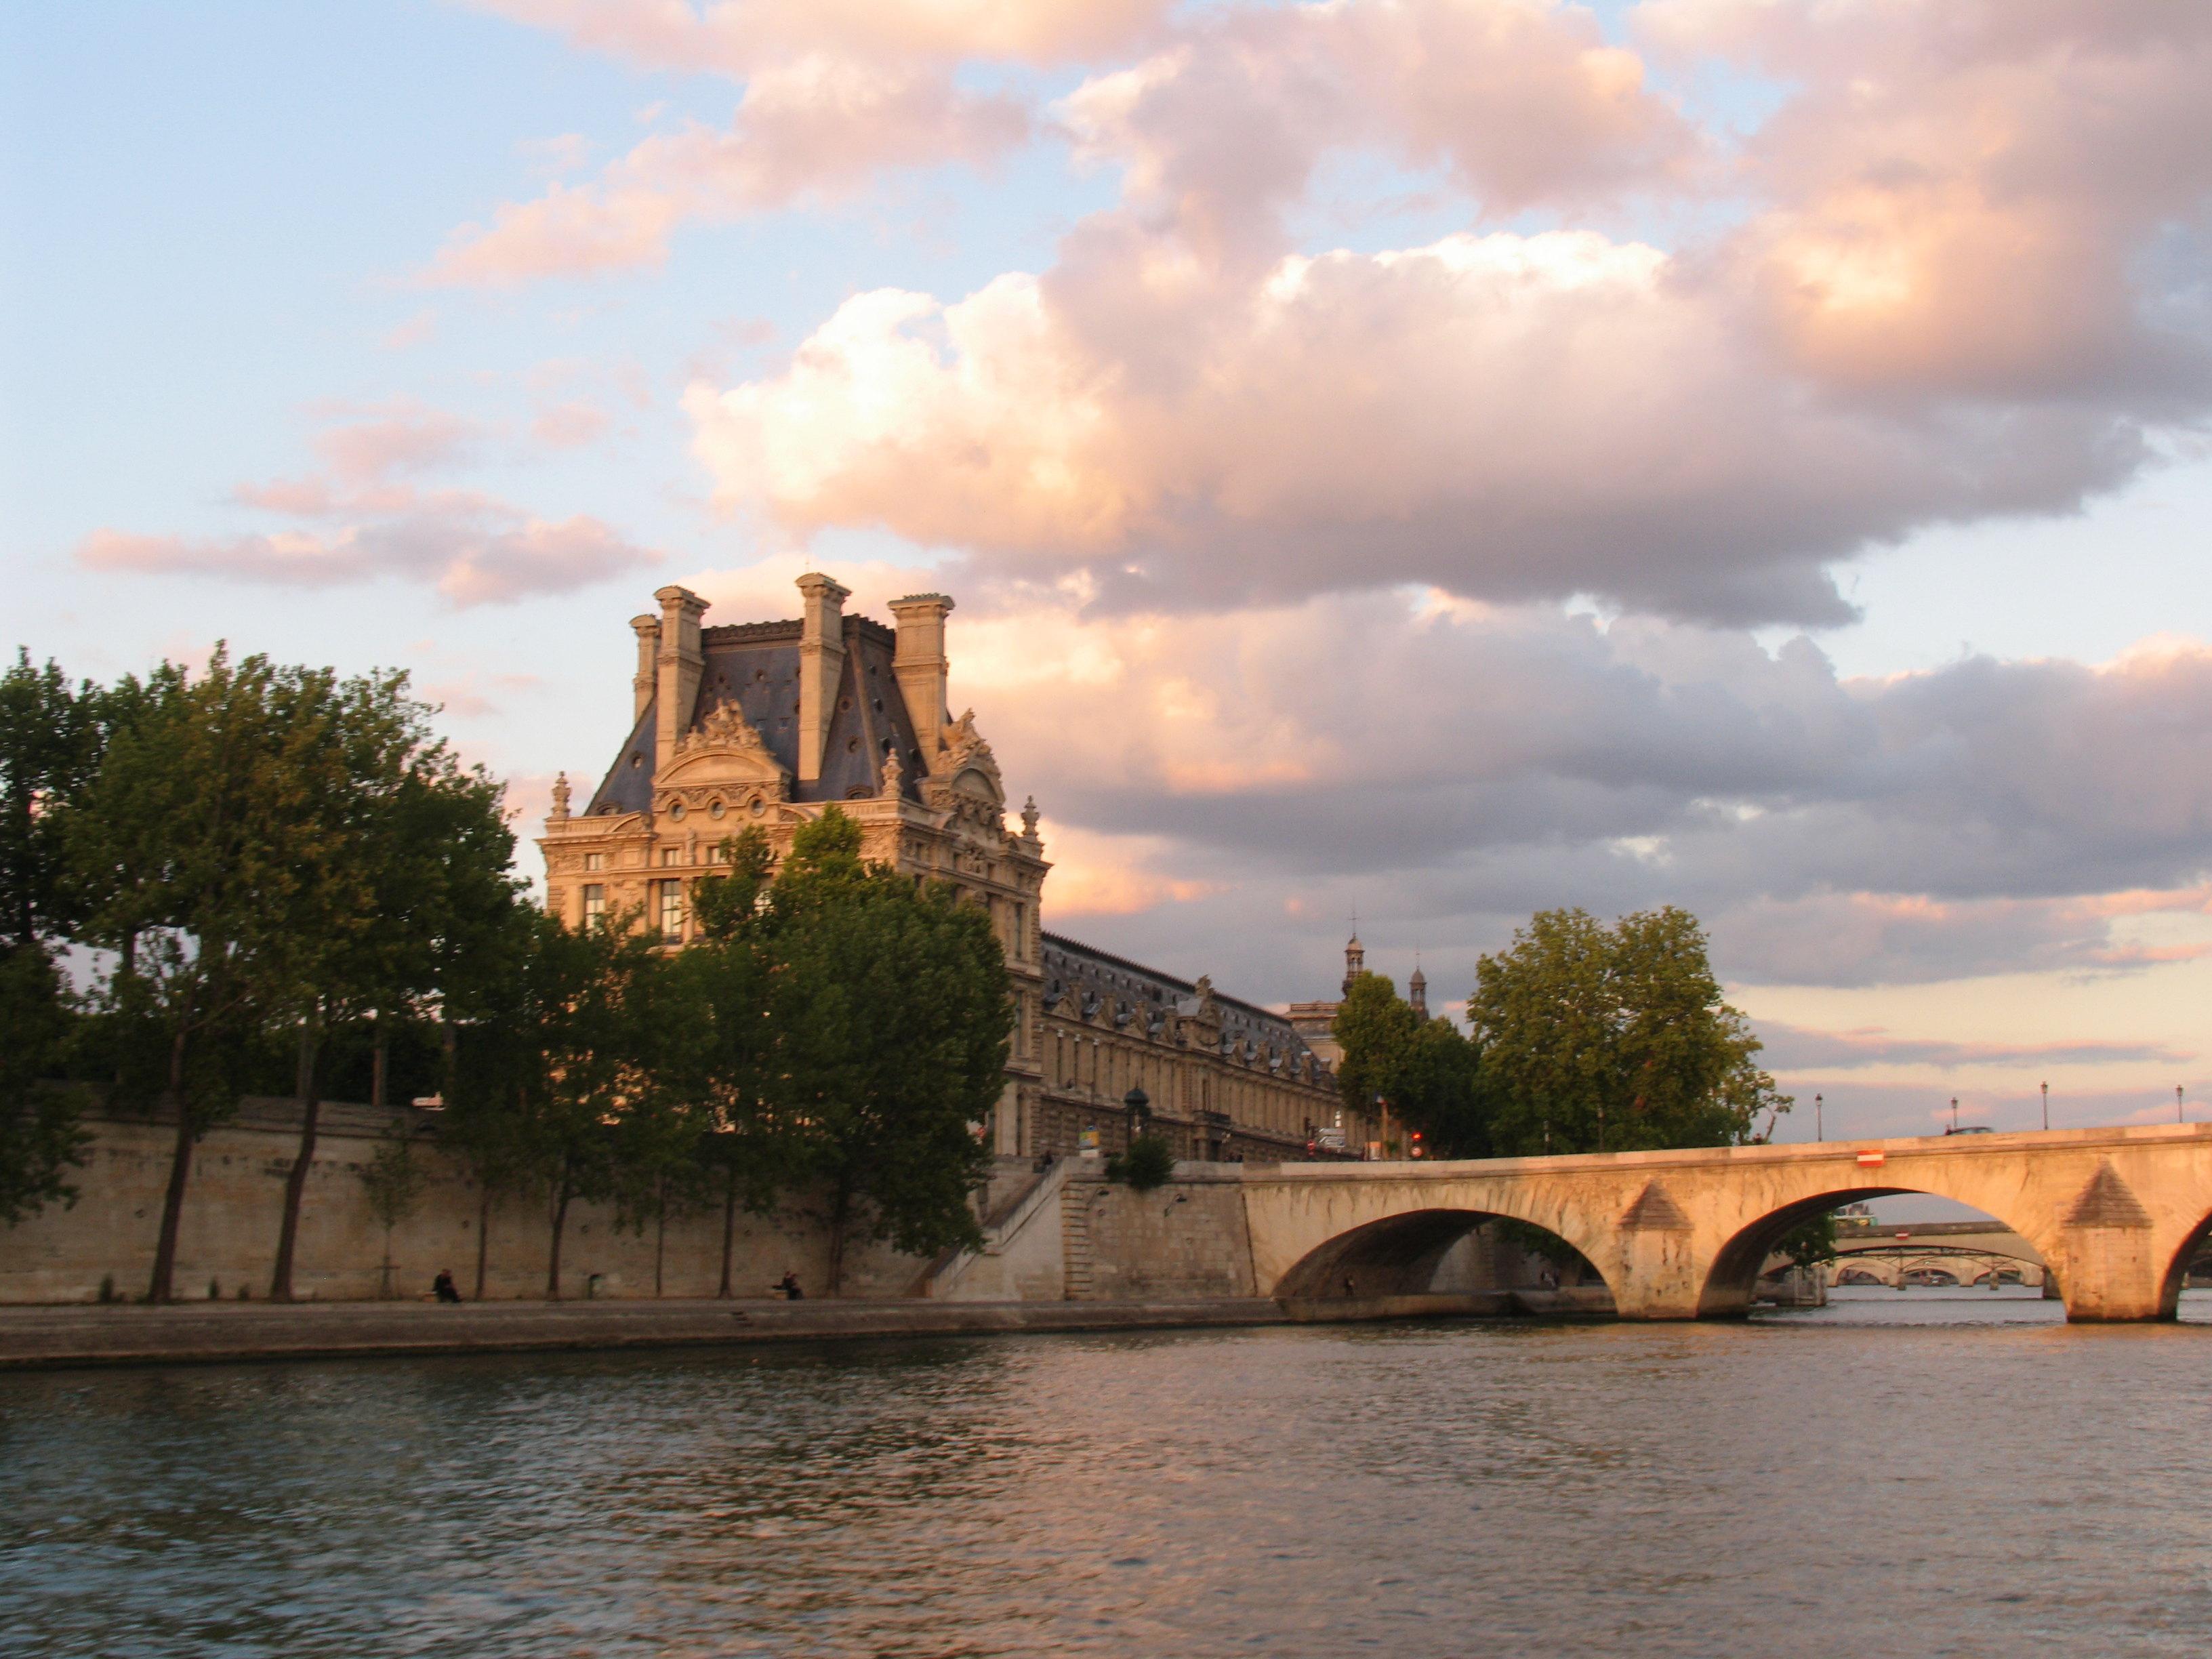 巴黎全景一日游 含塞纳河游船午餐 英文团 guided visit of 高清图片